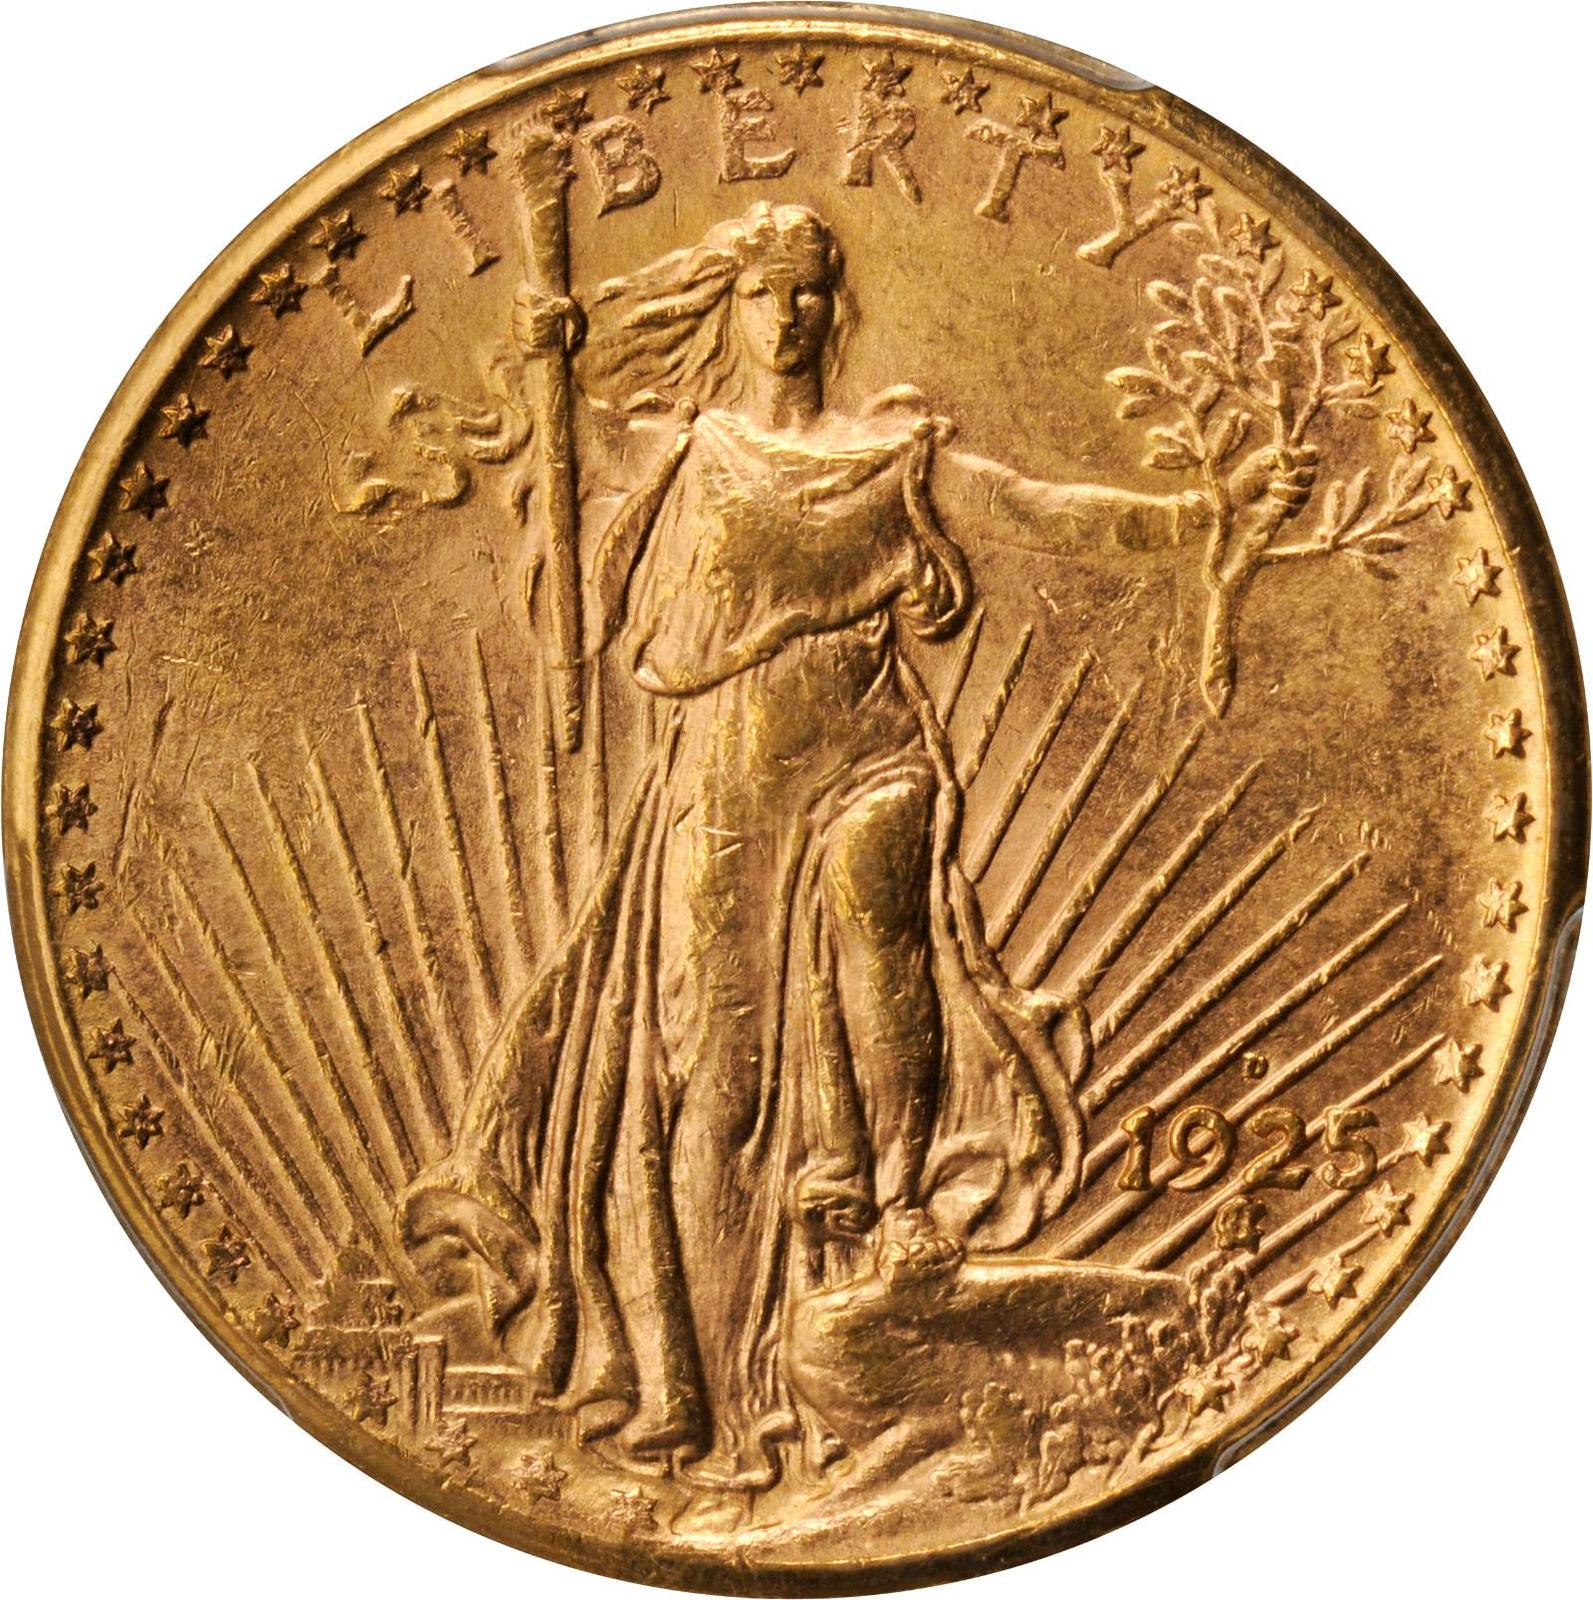 1925 20 dollar gold coin